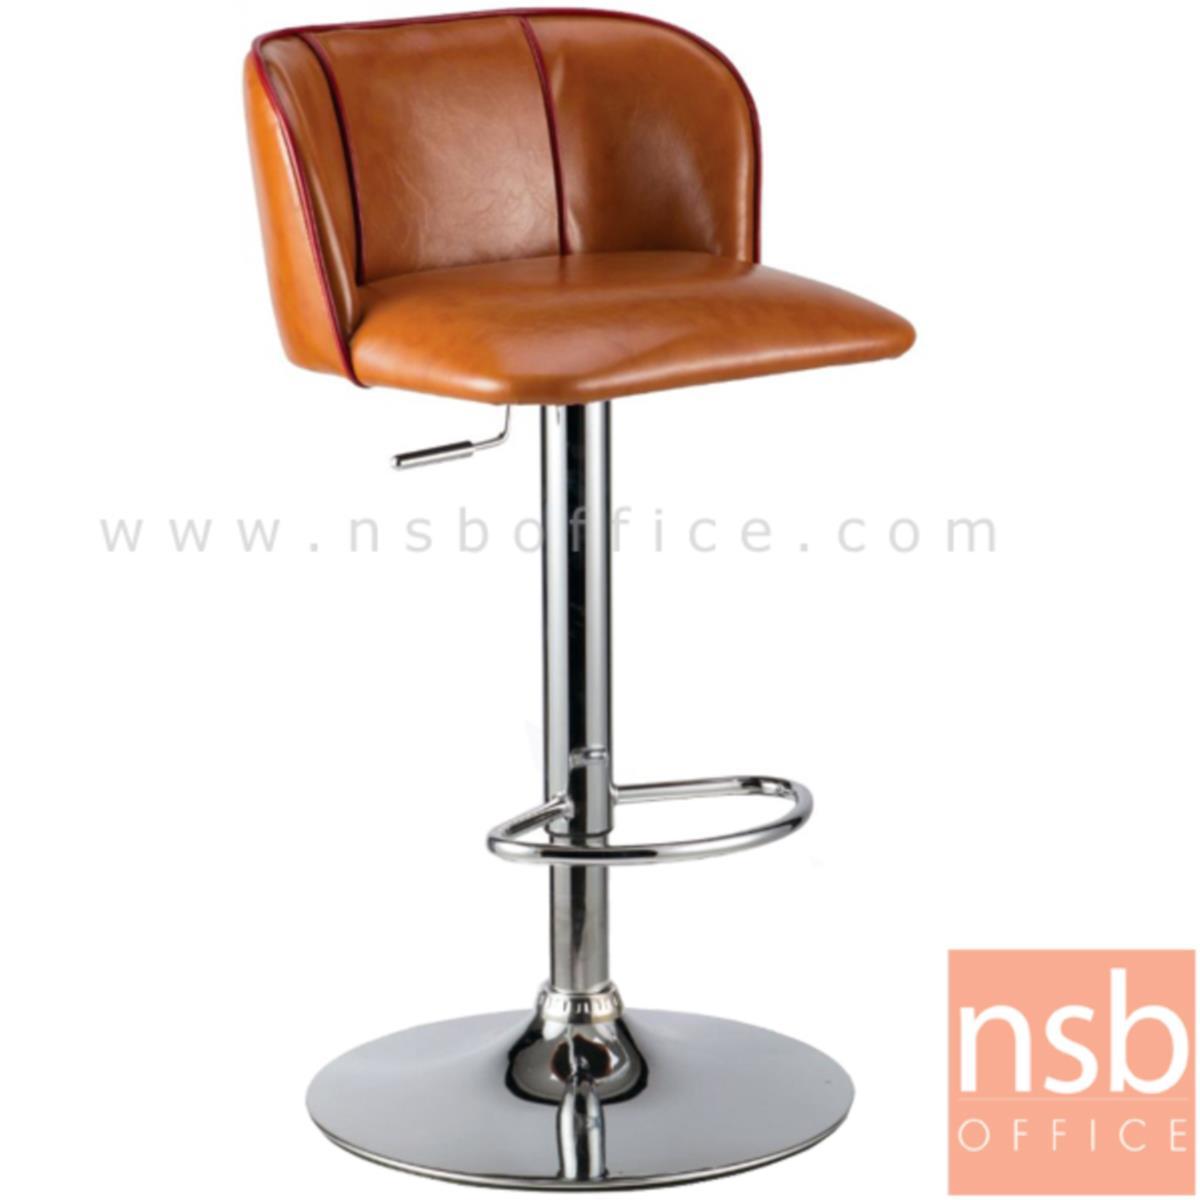 B18A028:เก้าอี้บาร์สูงหนัง PU รุ่น BHS-3671 ขนาด 48W cm. โช๊คแก๊ส ขาโครเมี่ยมฐานจานกลม